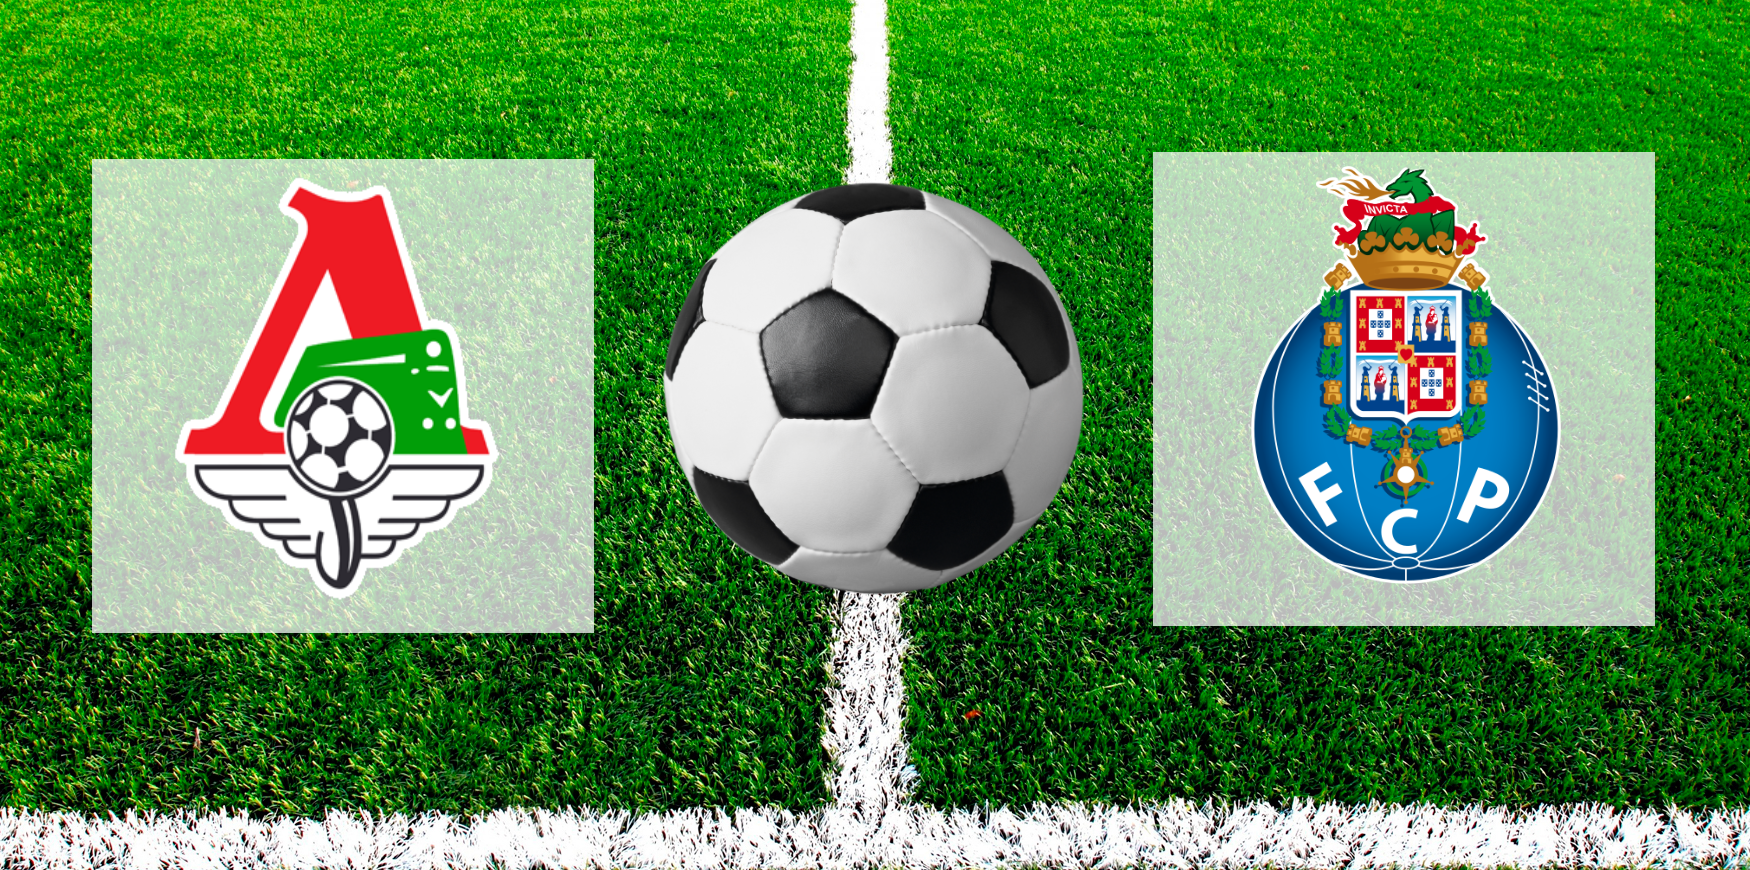 Прогноз на матч Локомотив М - Порту: результативной встреча не получится